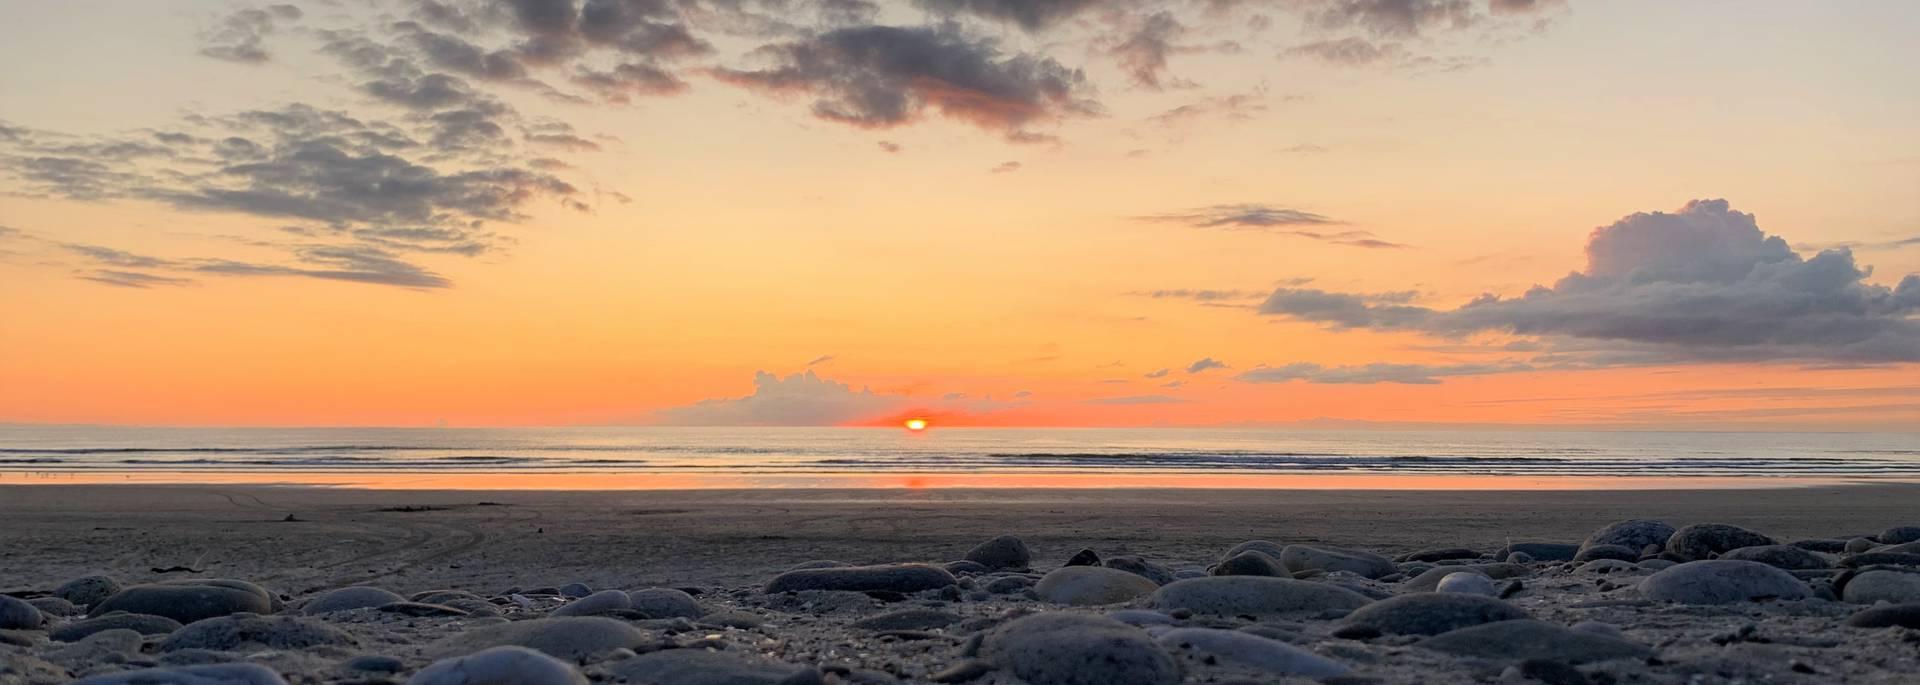 Baie d'Audierne © M Hamel